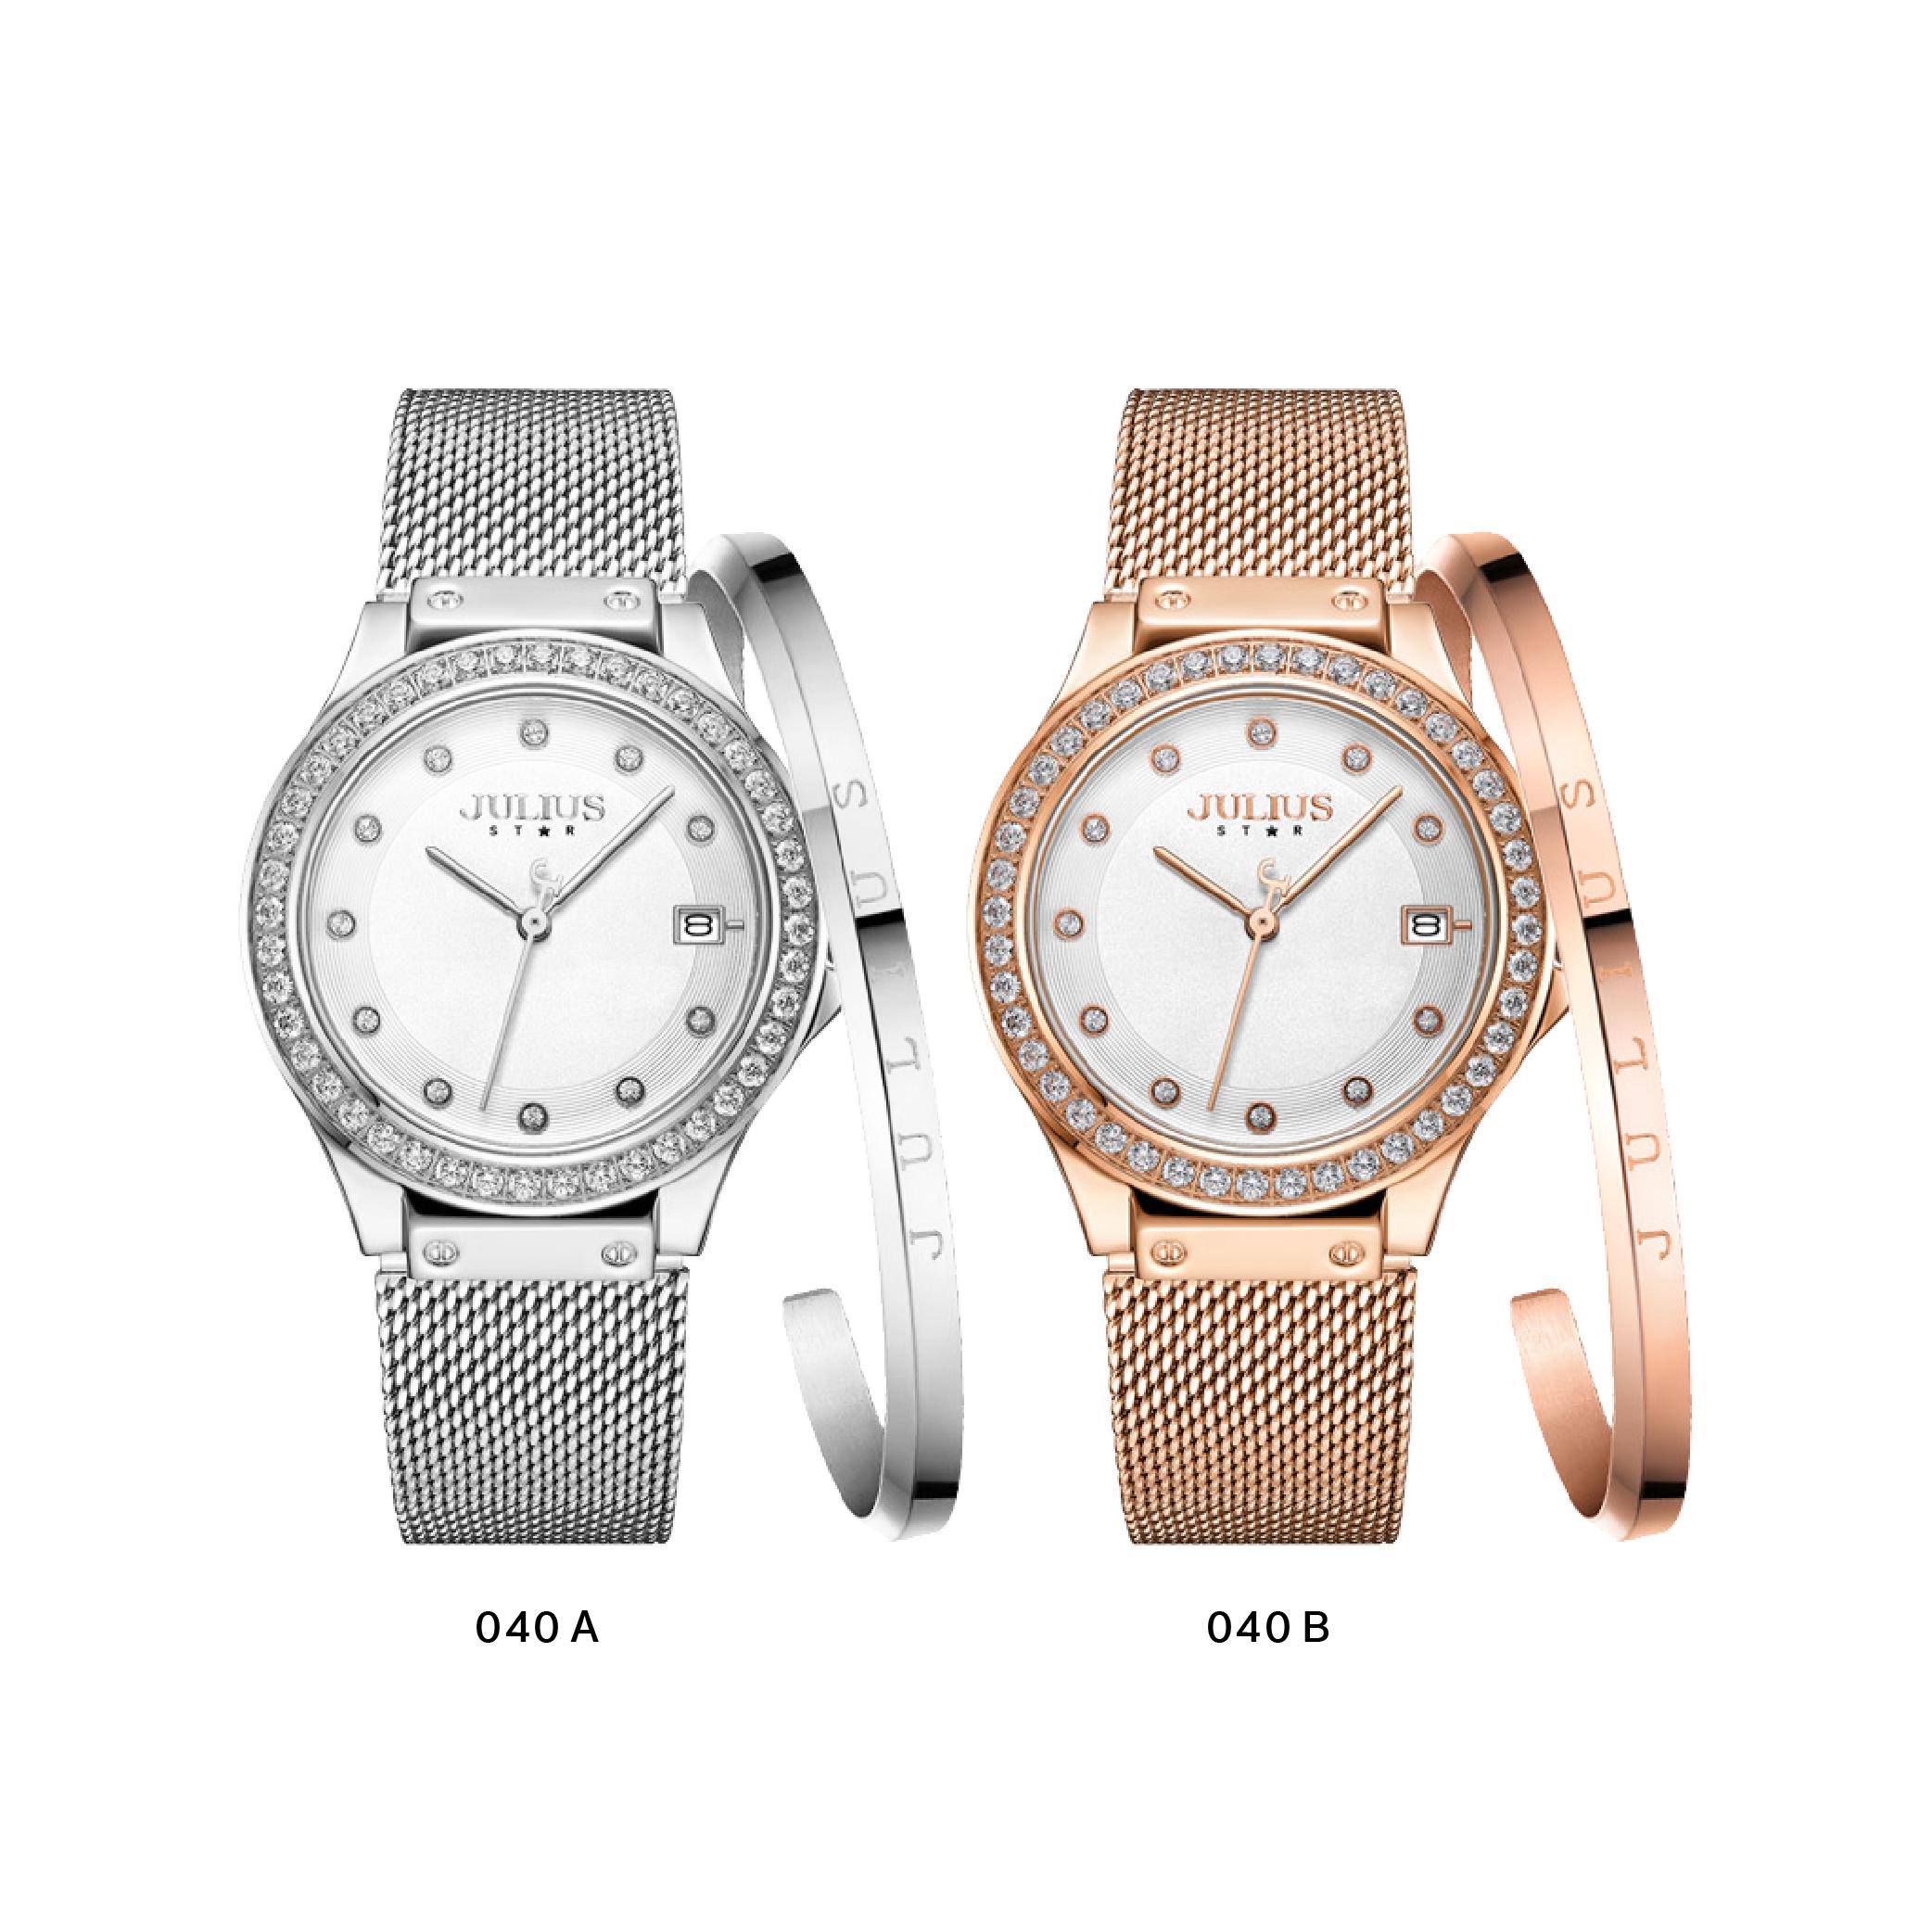 นาฬิกาข้อมือผู้หญิง JULIUS STAR 040B